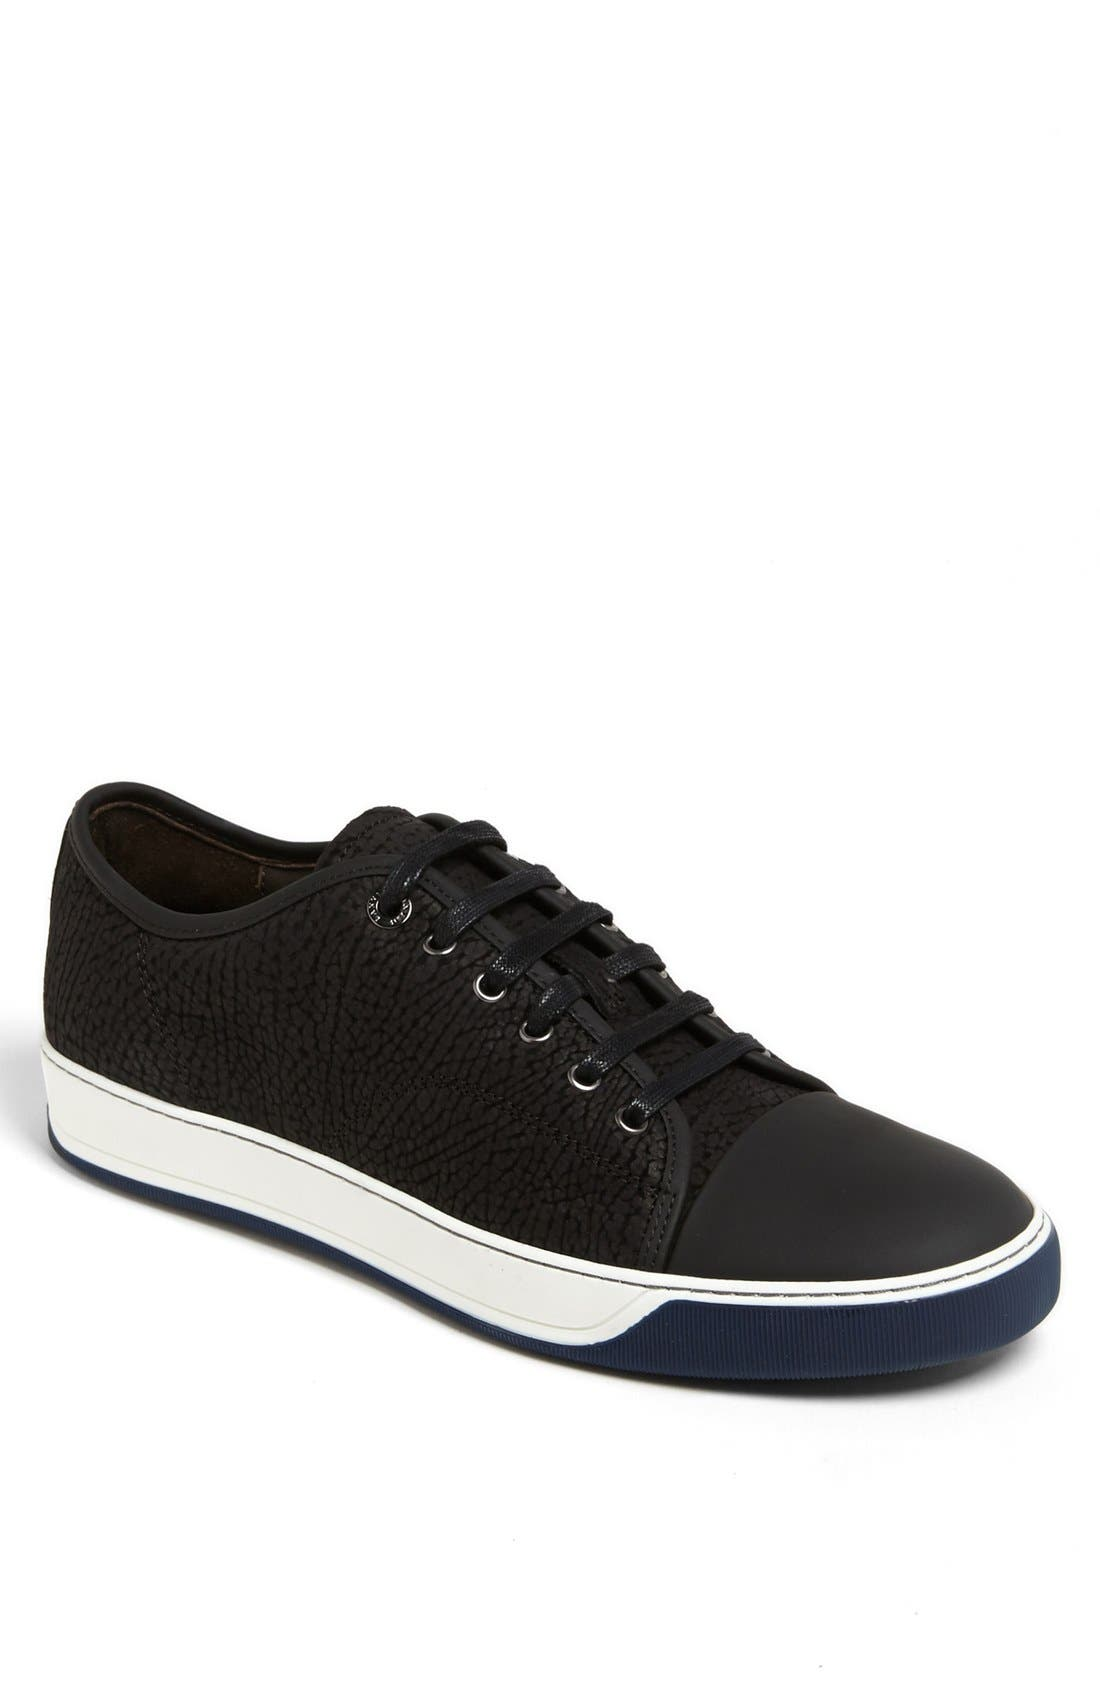 Alternate Image 1 Selected - Lanvin Low Top Sneaker